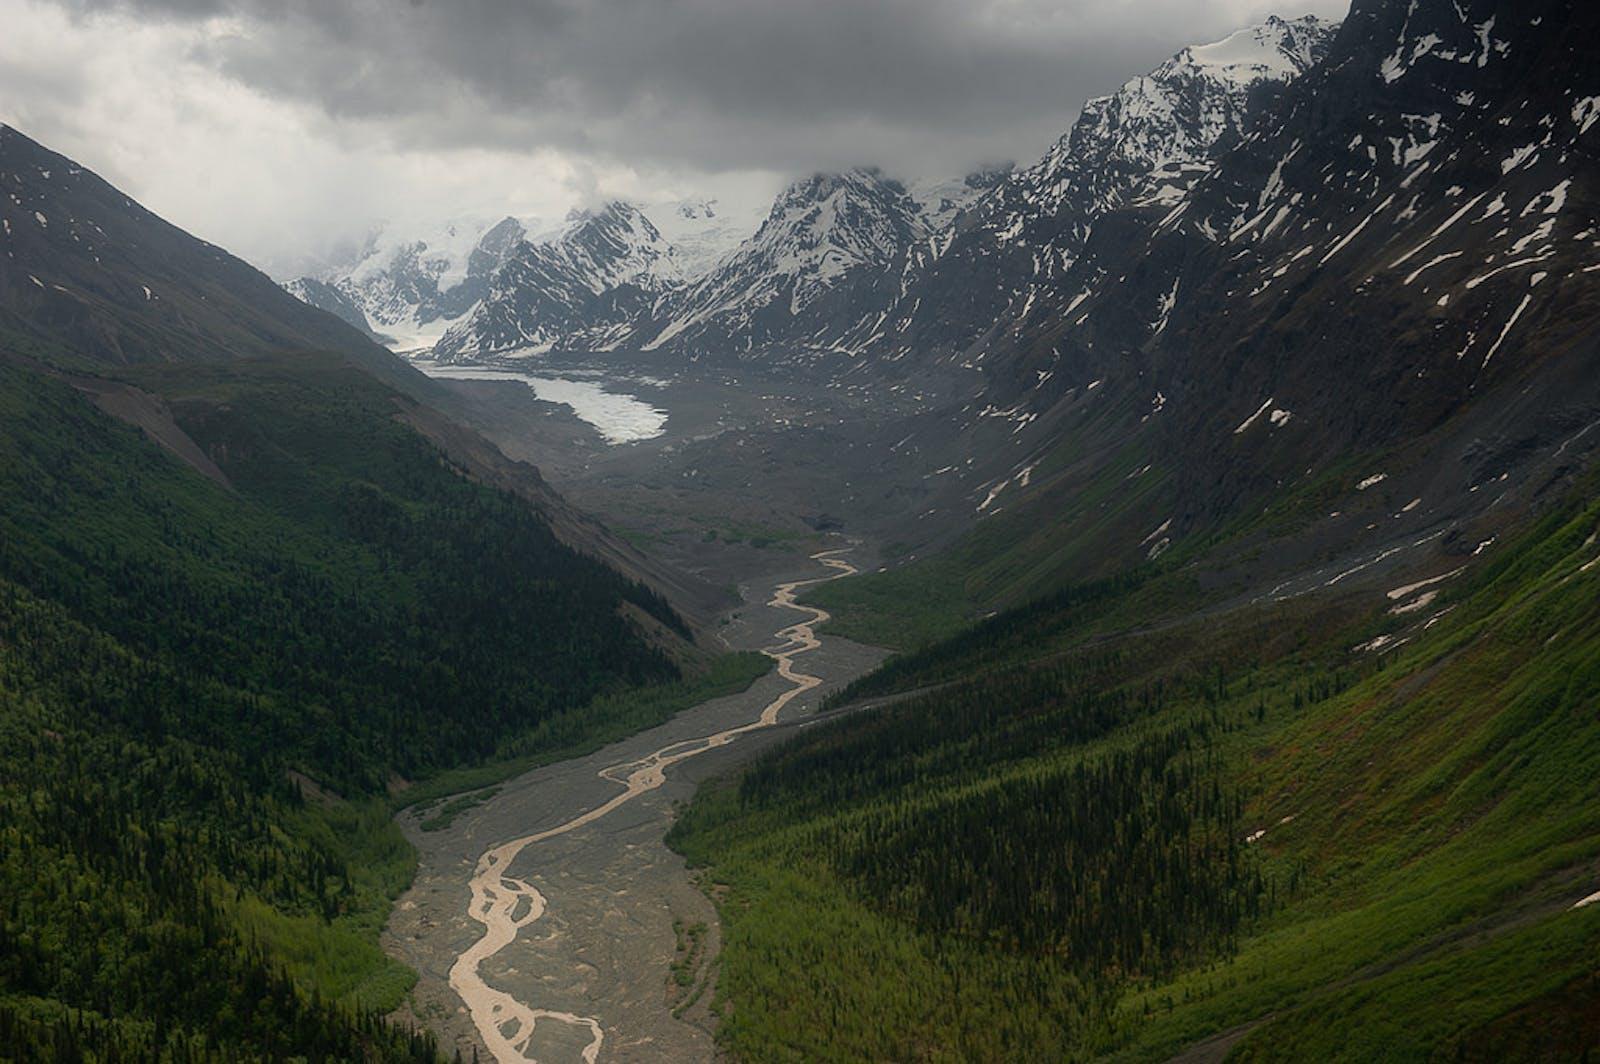 Alaska-St. Elias Range Tundra